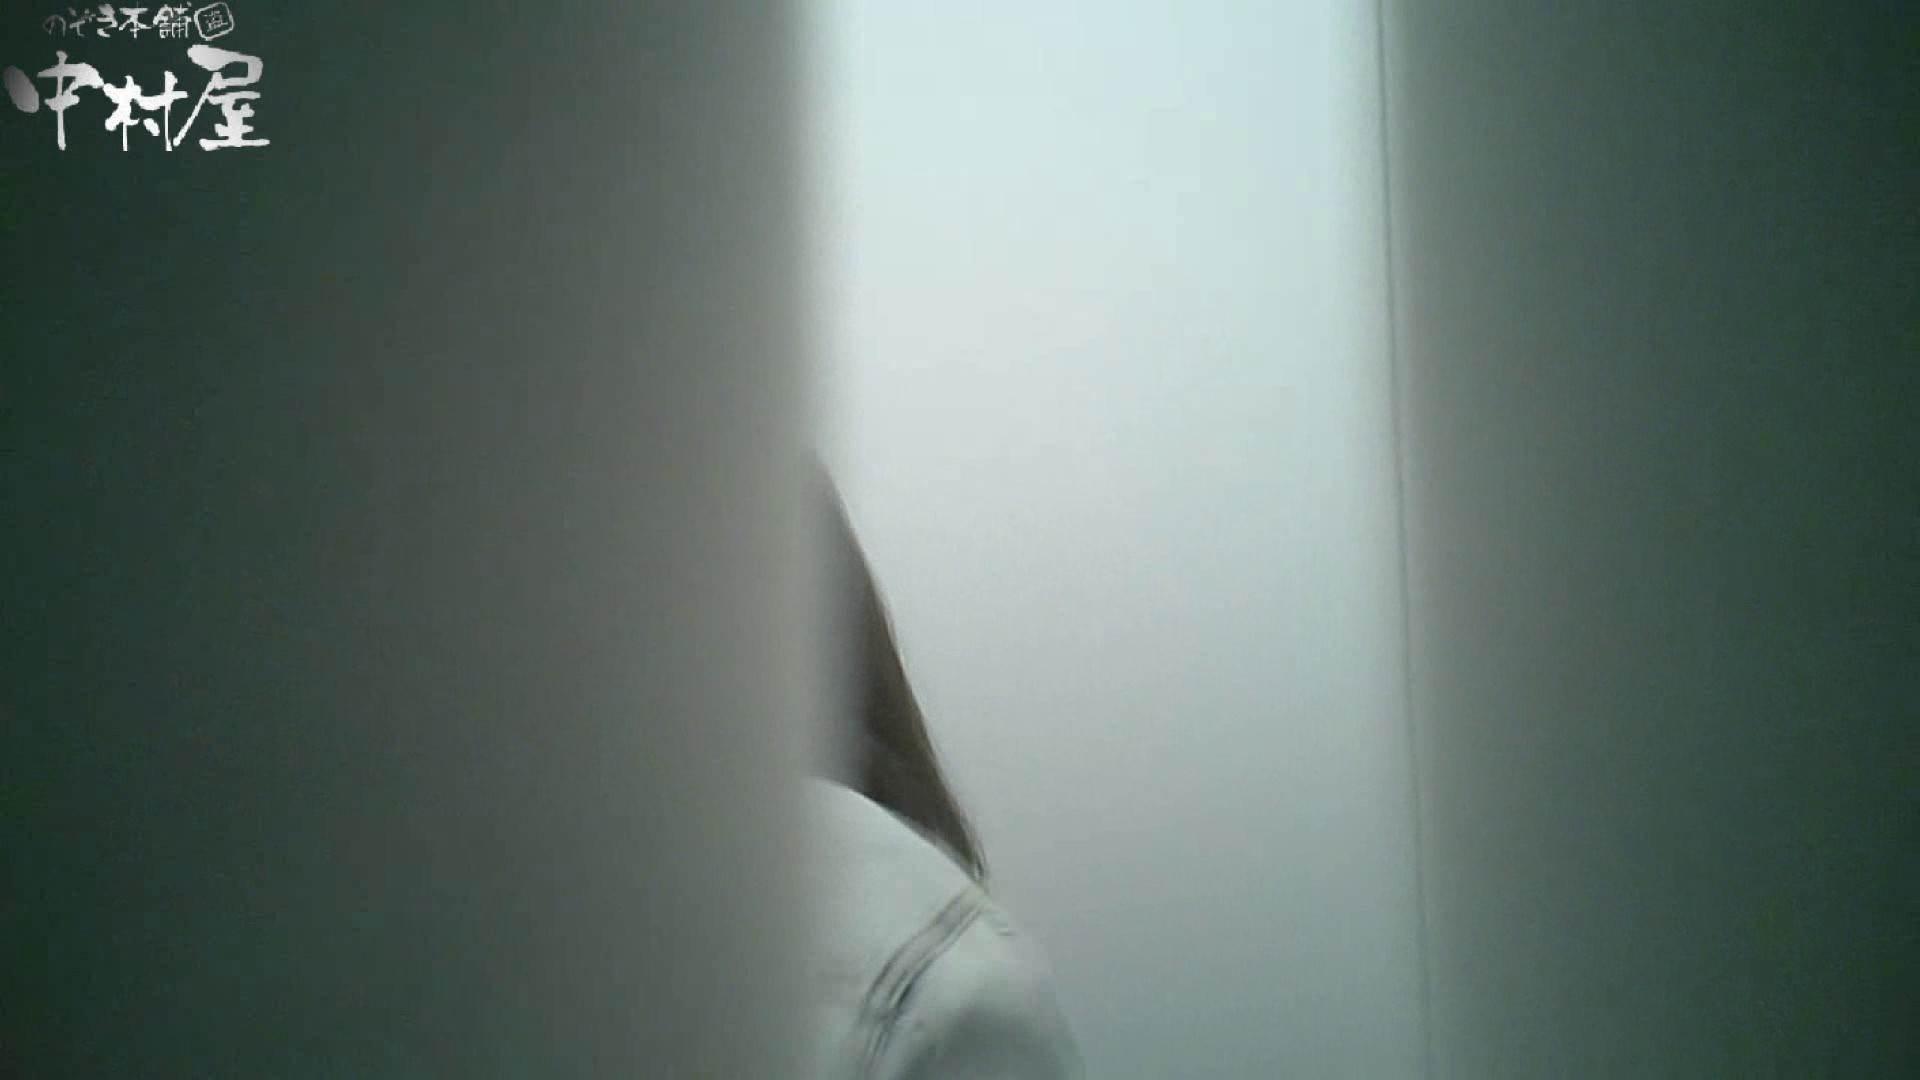 【某有名大学女性洗面所】有名大学女性洗面所 vol.35 安定の2カメ 最近の女性は保守的な下着が多め? 洗面所 覗きおまんこ画像 12pic 9